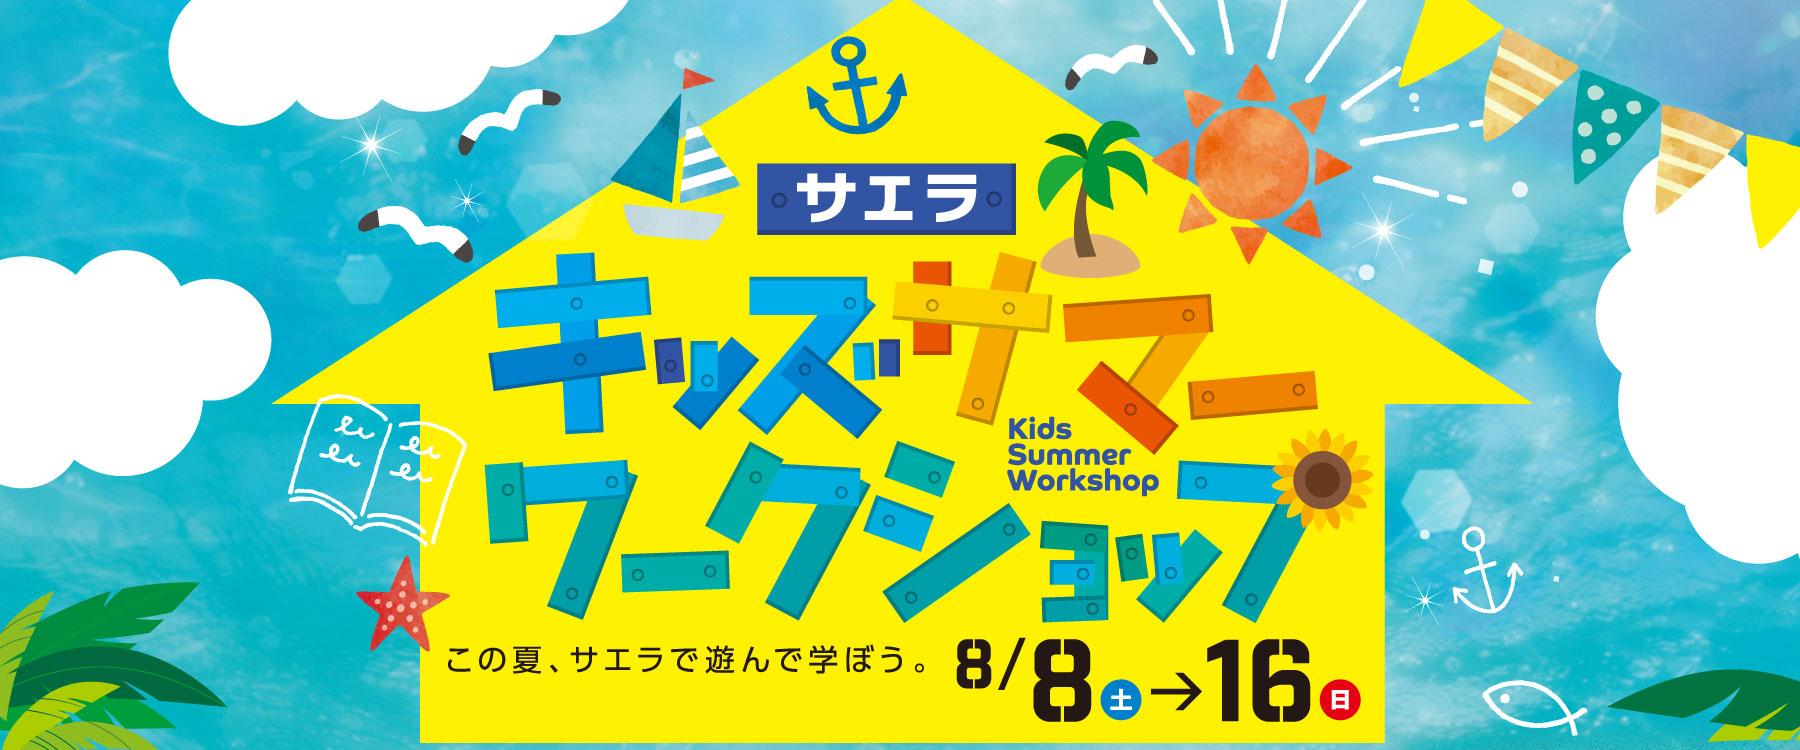 画像:8月8日(土)~16(日)キッズサマーワークショップ